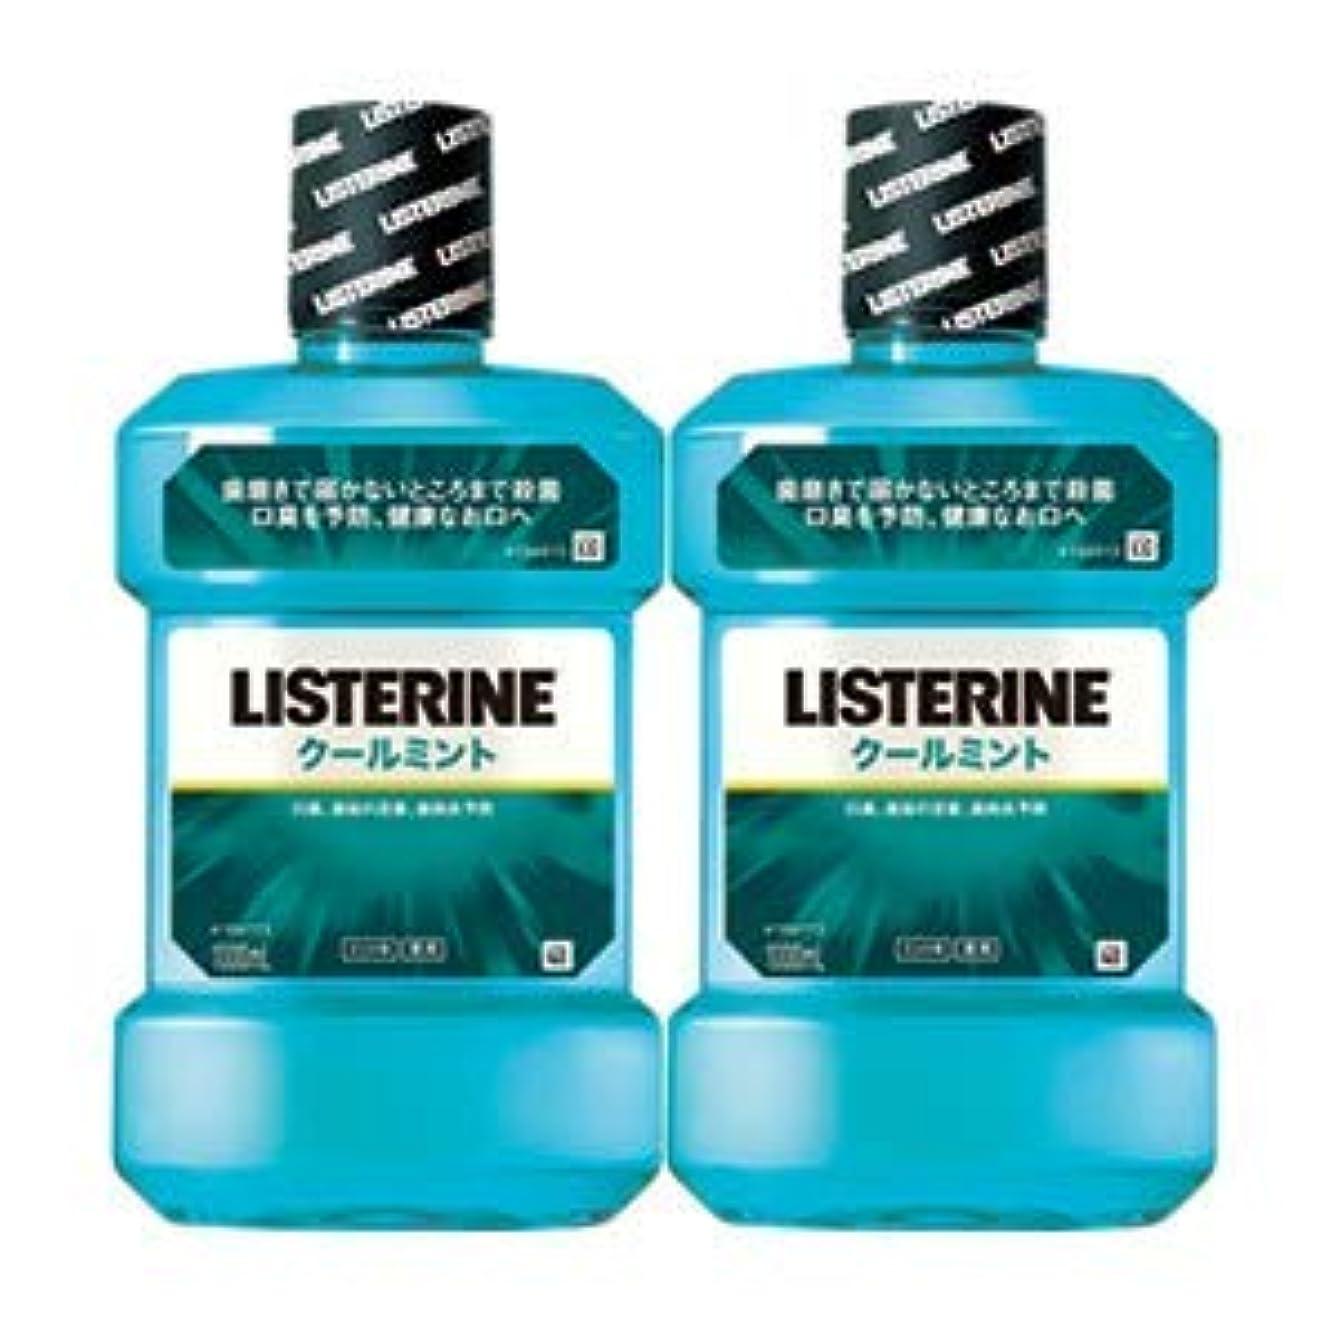 適度な過激派人工的な薬用リステリン クールミント (マウスウォッシュ/洗口液) 1000mL×2本セット